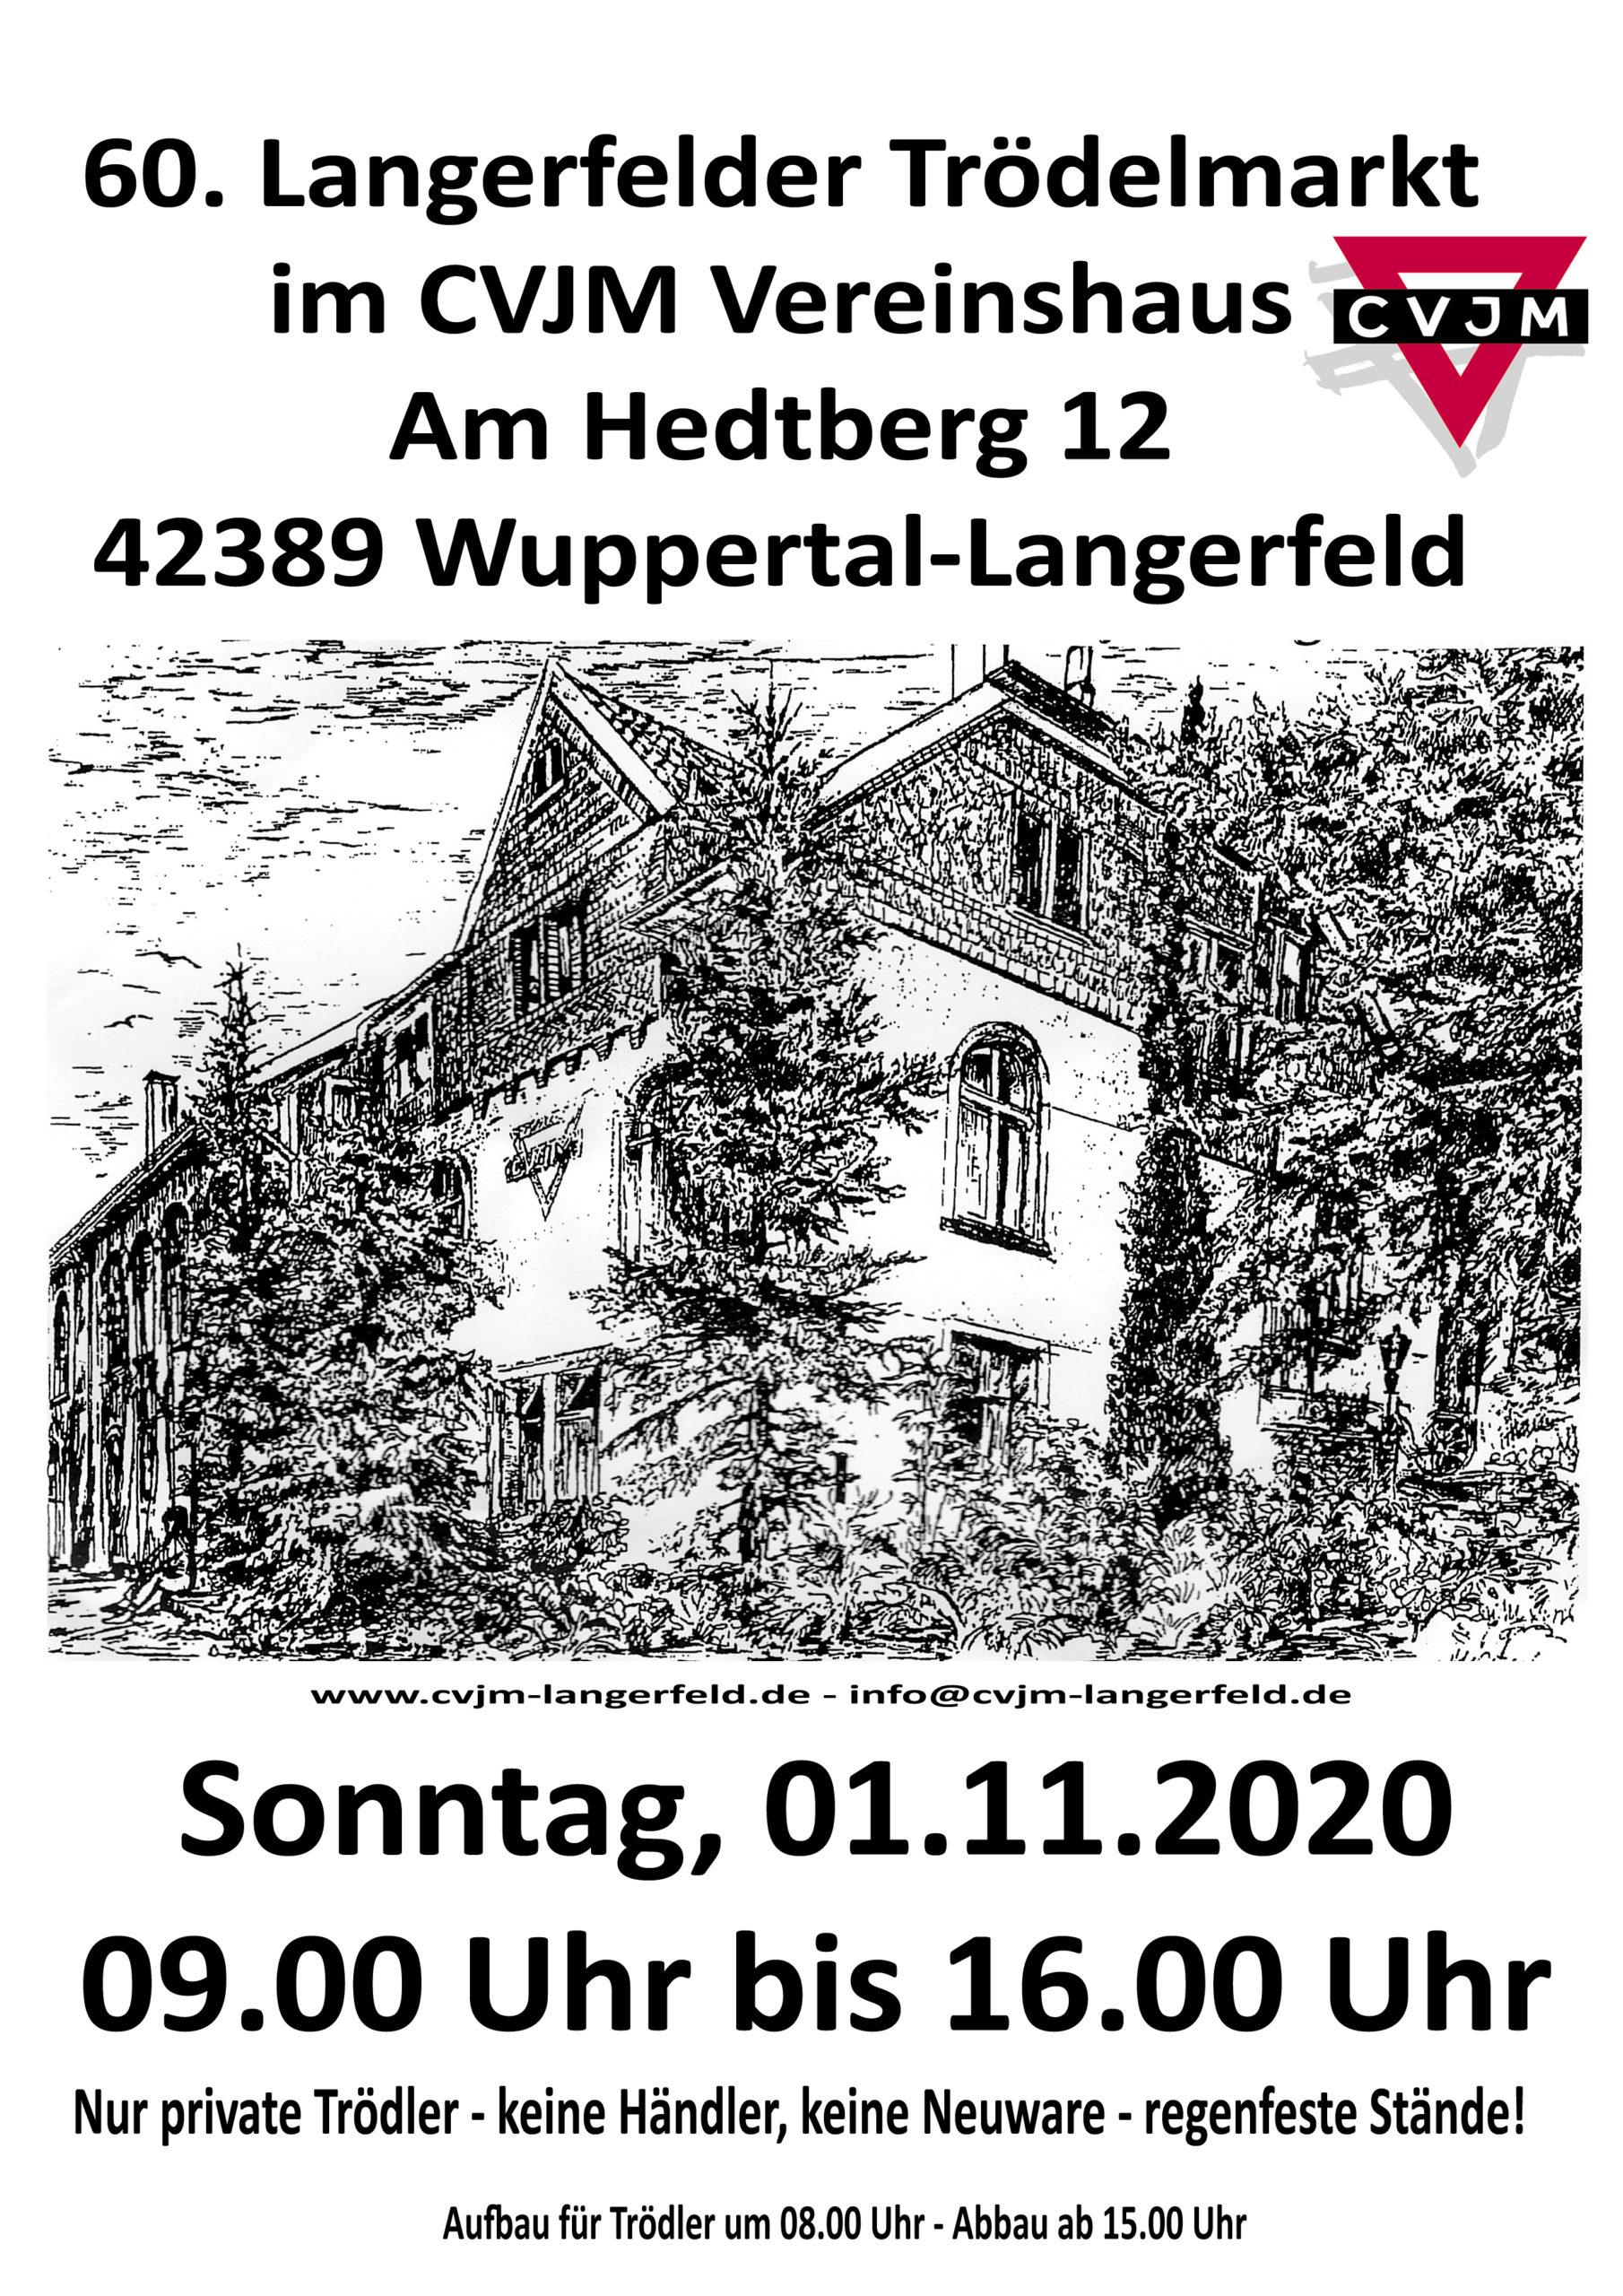 60. Langerfelder Trödelmarkt 01.11.2020